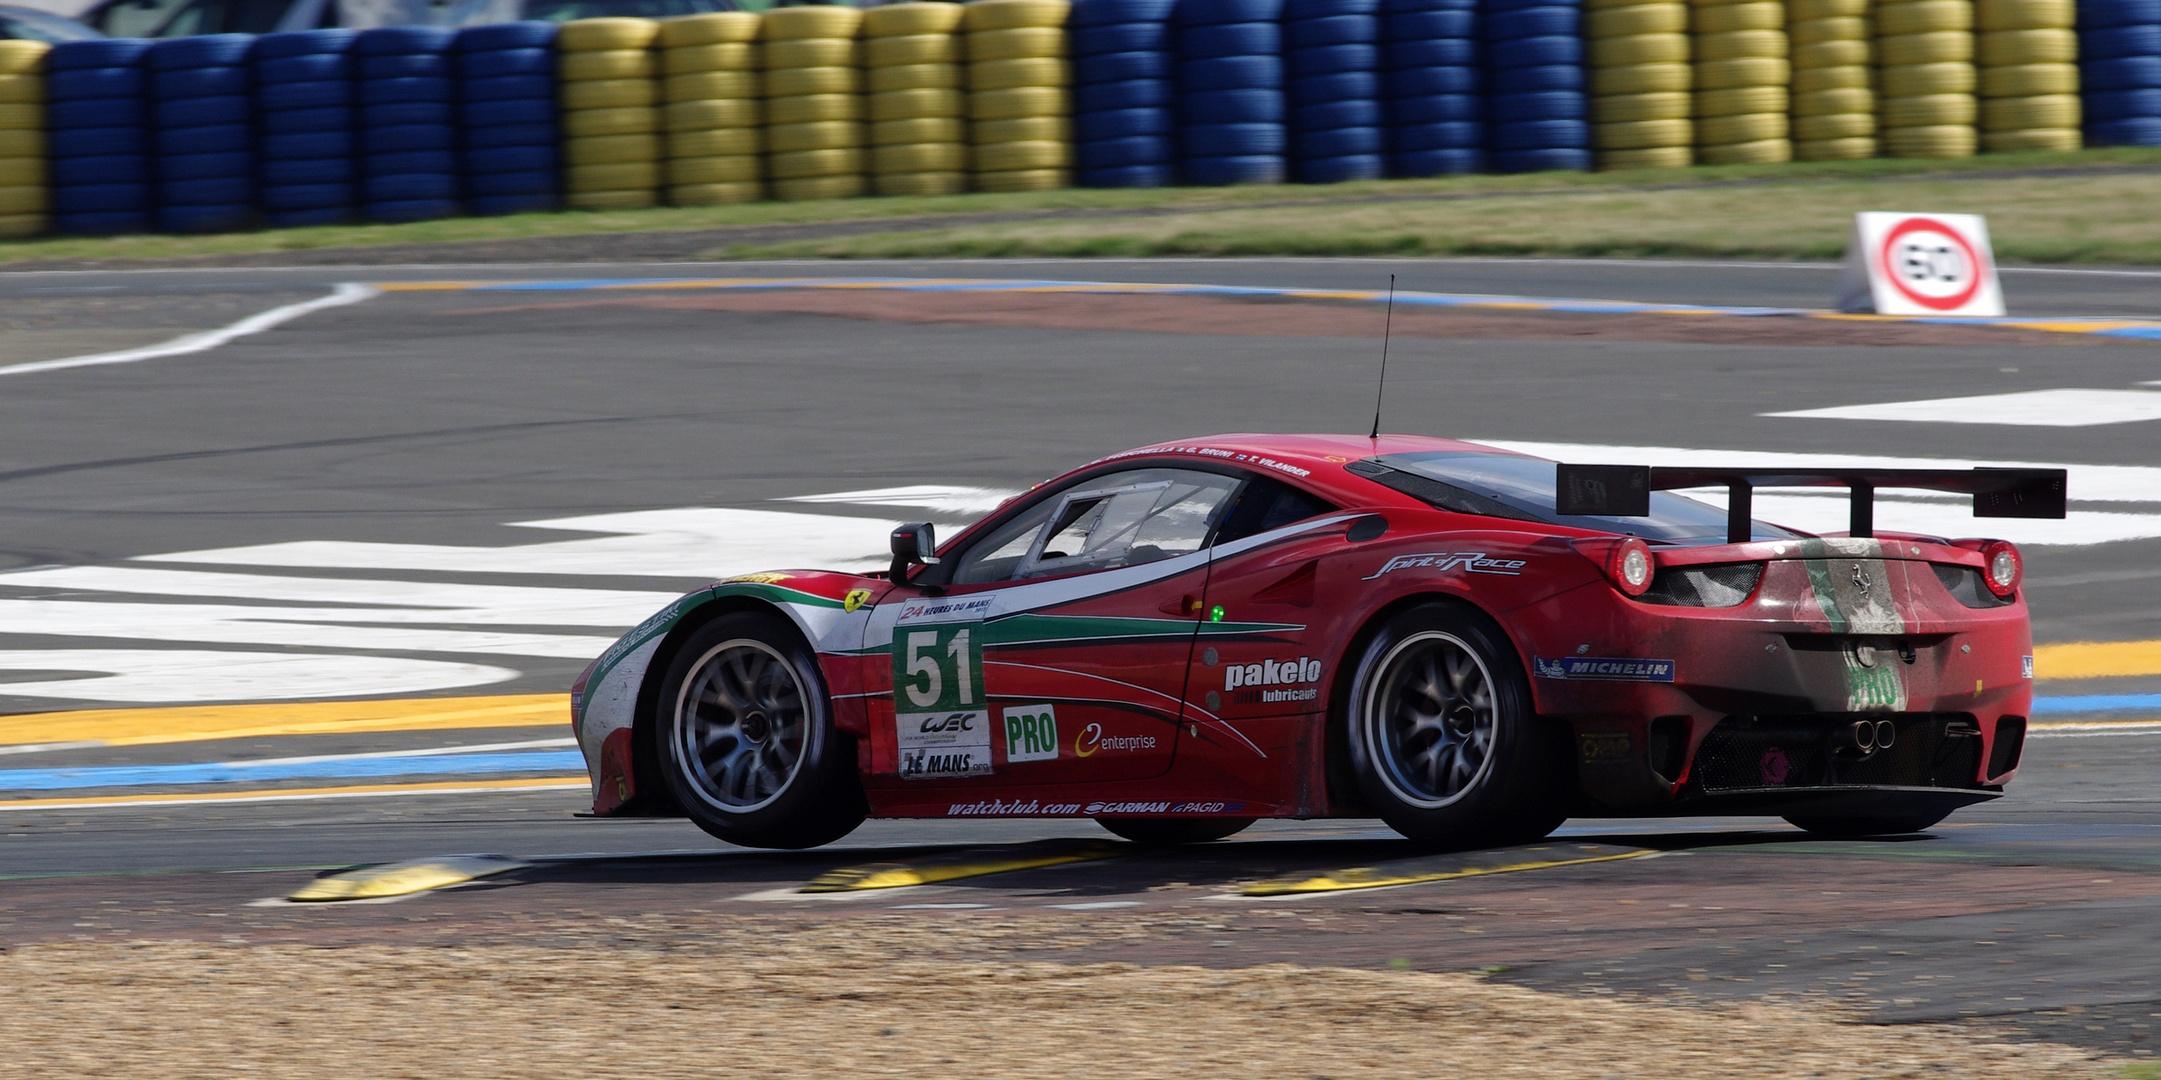 Ein kleiner Flieger :-) Le Mans 2013